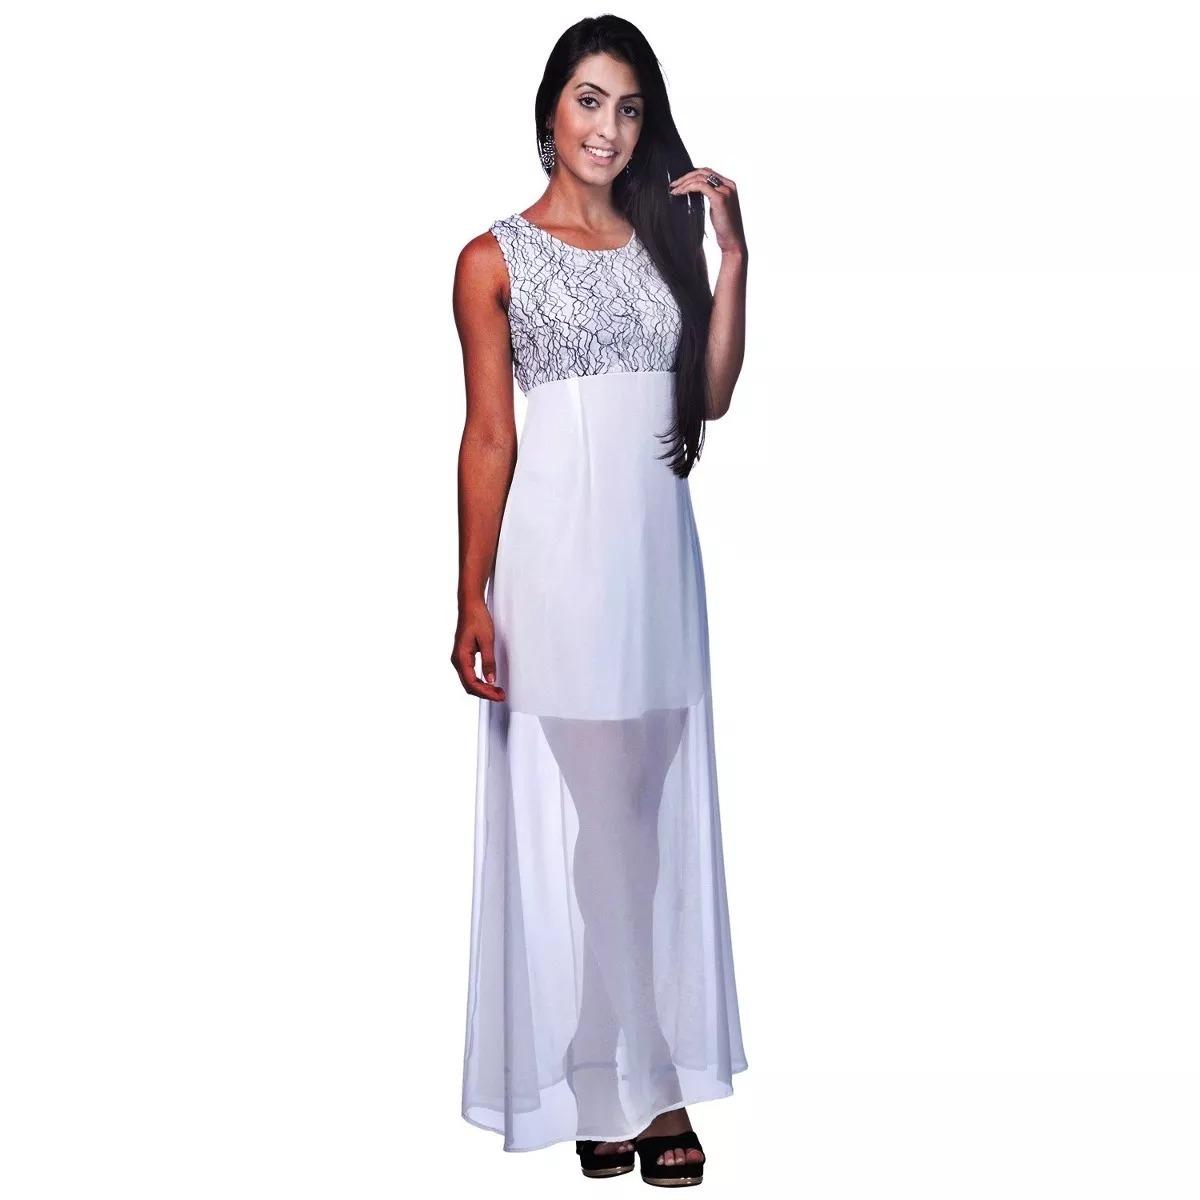 b73f01b5c2 vestido longo de renda festa casamento noivado madrinha 2721. Carregando  zoom.